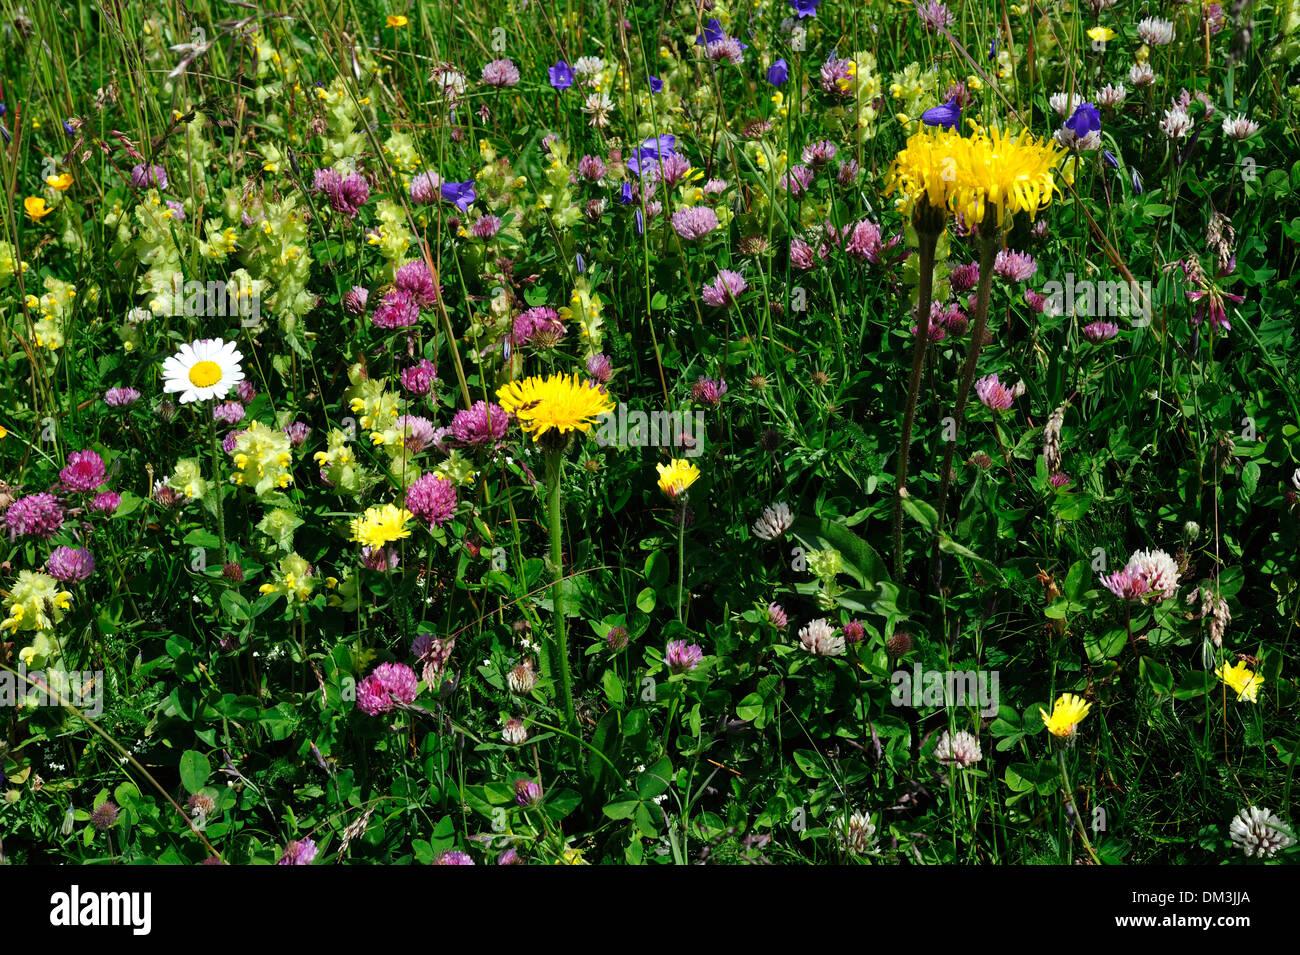 Alpine meadow flower pattern alpine flowers alpine pasture flowers blossoms plants alpine plants Curtginatsch Wergenstein - Stock Image